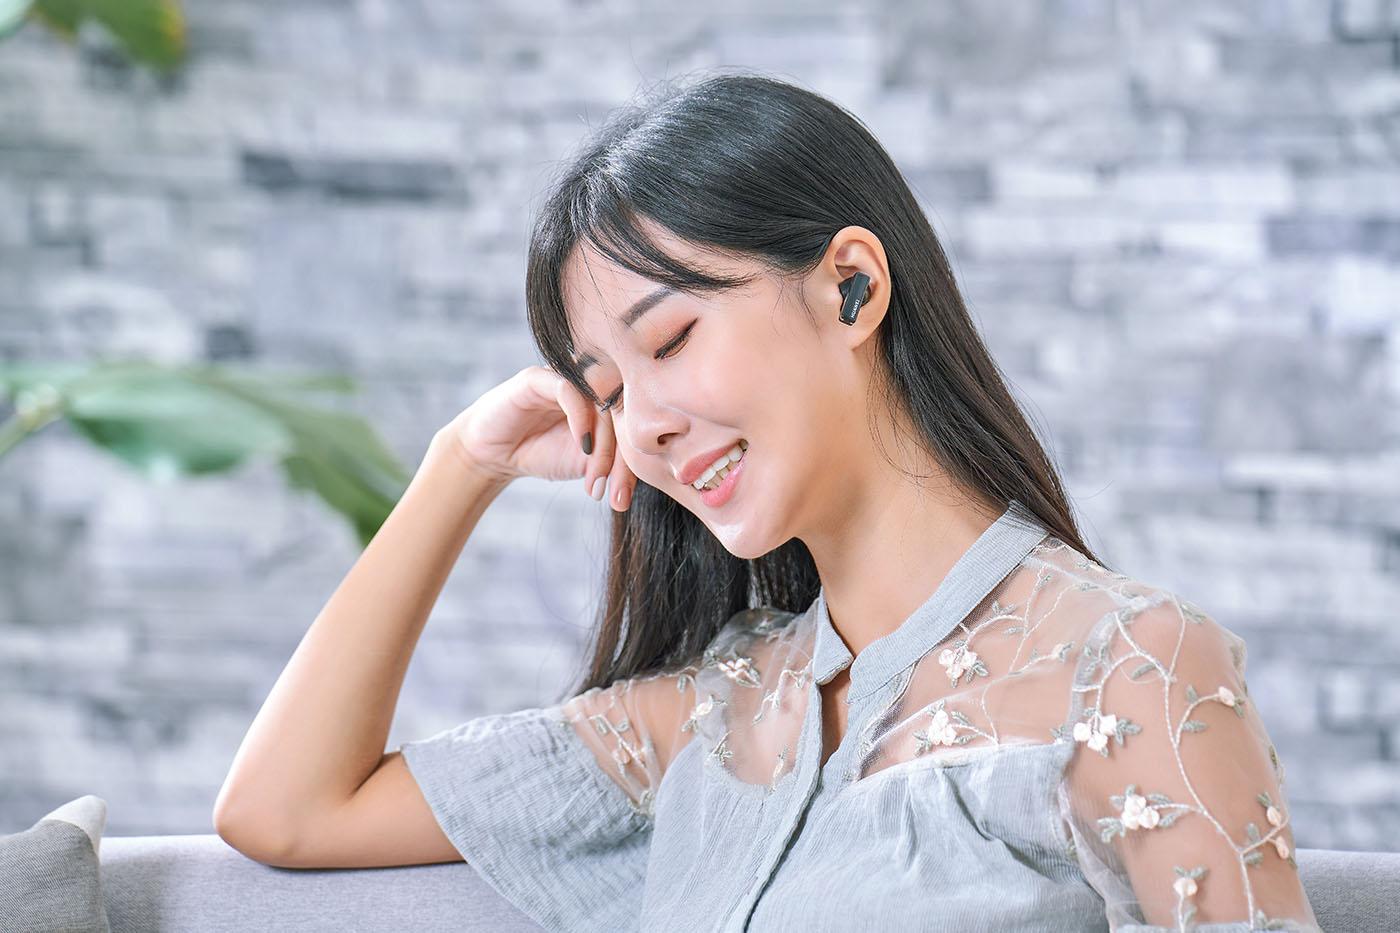 前文也提到,FreeBuds Pro 外觀短小精悍之外,另一關鍵設計就是佩戴舒適度很好,在小編評測過程中,經常忘記自己還戴著耳機,而能夠具備如何優良的佩戴感受,主要來自於這款耳機不僅提供三種尺寸的耳塞讓用家適配,且加上前後聲腔導通設計,使耳內外氣壓平衡,確保空氣流通,並藉此提升舒適感,最後加上耳機外型弧度都是經過大數據分析後設計,所以創造出更好的佩戴貼合感以及舒適度。